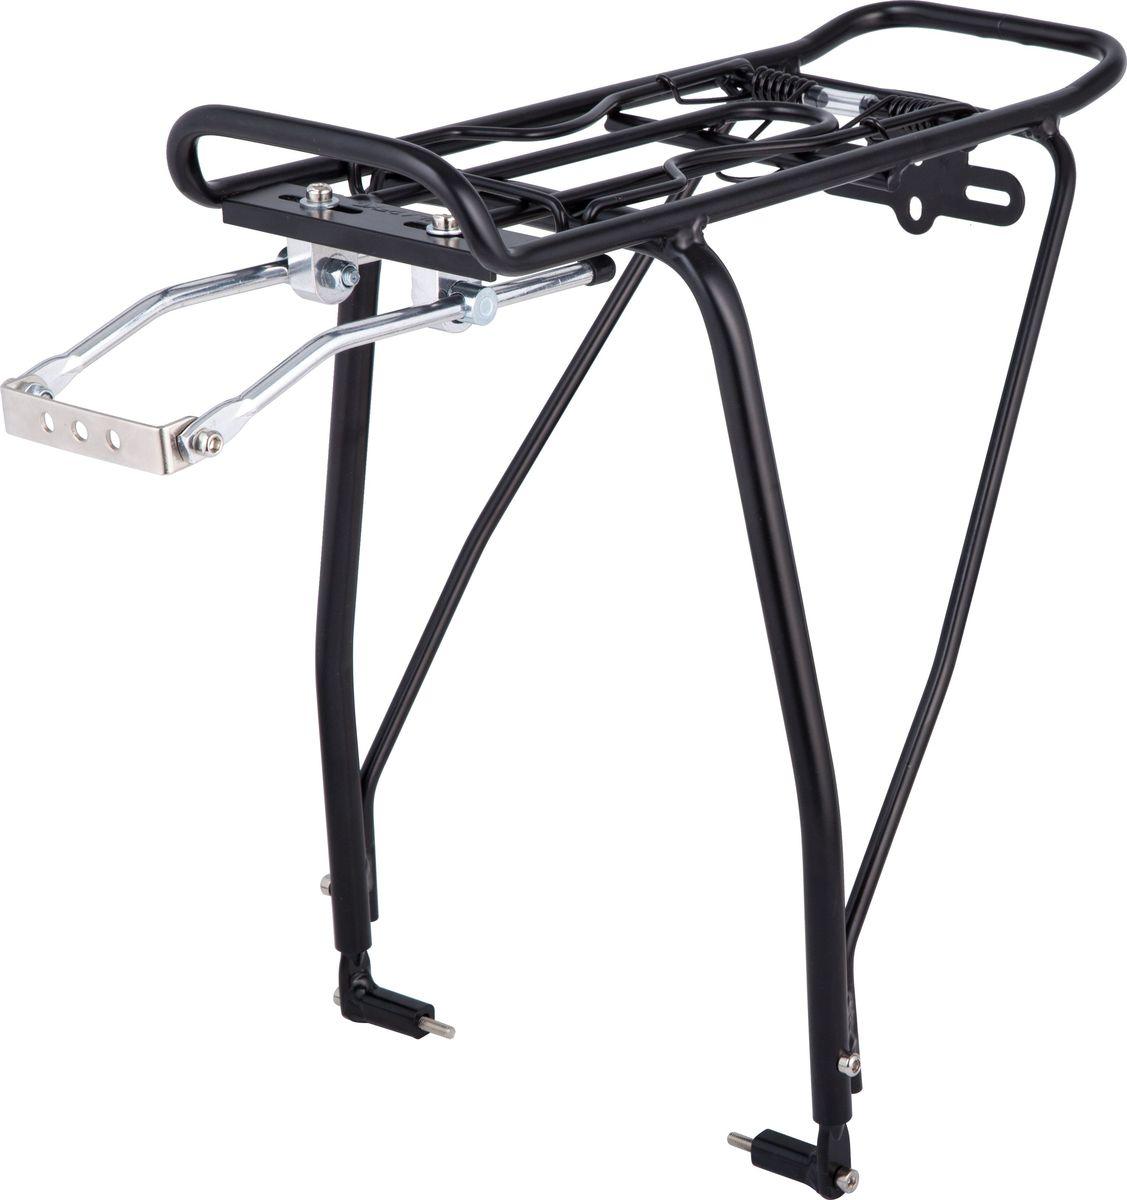 Багажник для велосипеда STG KWA-624-05, задний, под дисковые тормоза, цвет: черный, 26-29